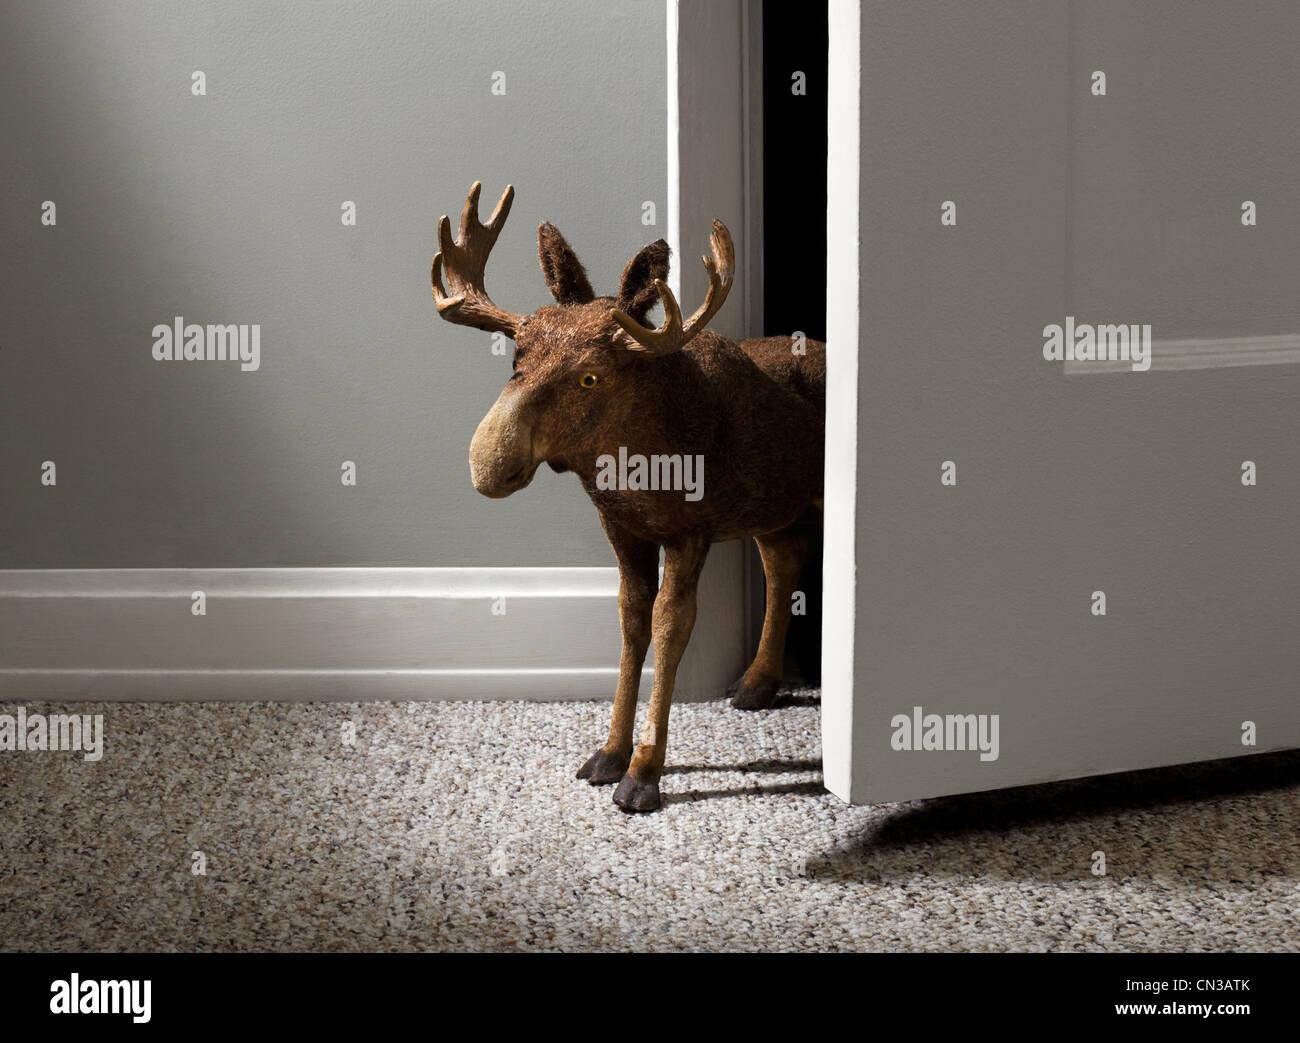 Toy moose in open door - Stock Image